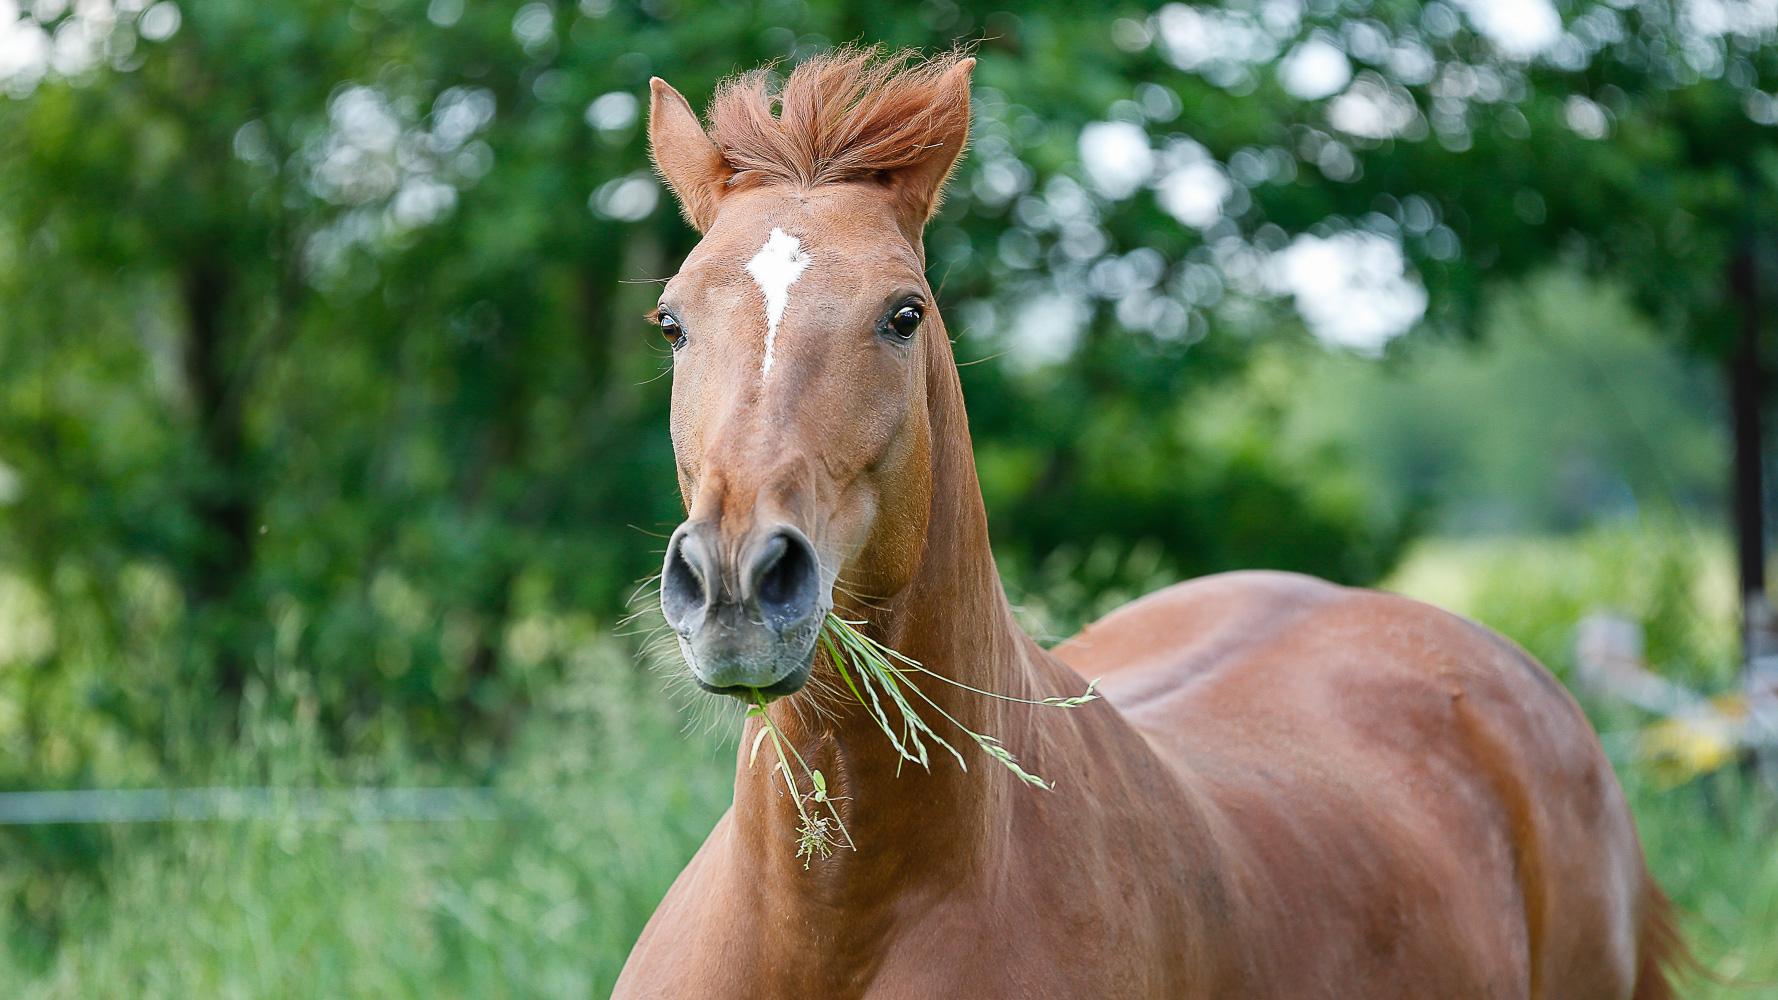 Grasfressen und Koppelgang sind fürs Pferd die natürlichste Futter- und Beschäftigungsform. Foto: Springfeldt, www.springfeldtprofifoto.com